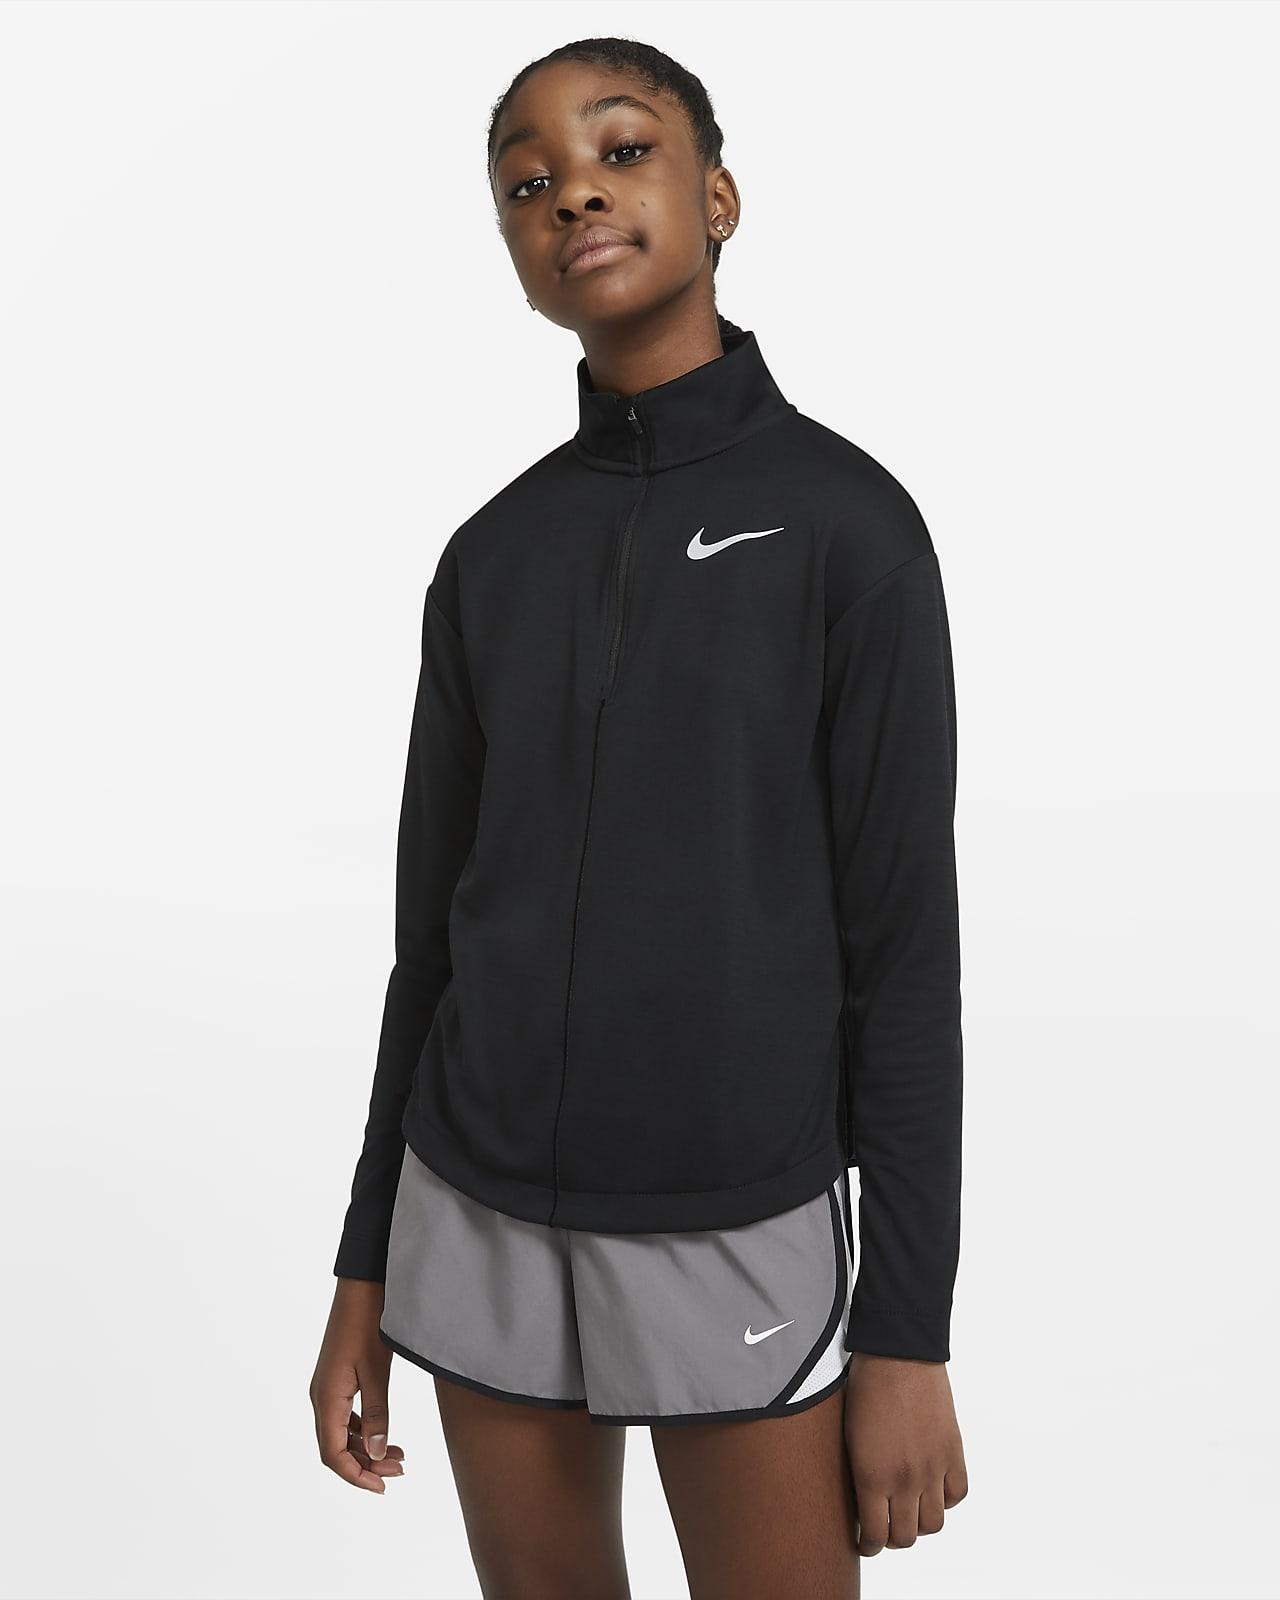 Μακρυμάνικη μπλούζα για τρέξιμο με φερμουάρ στο μισό μήκος Nike για μεγάλα κορίτσια